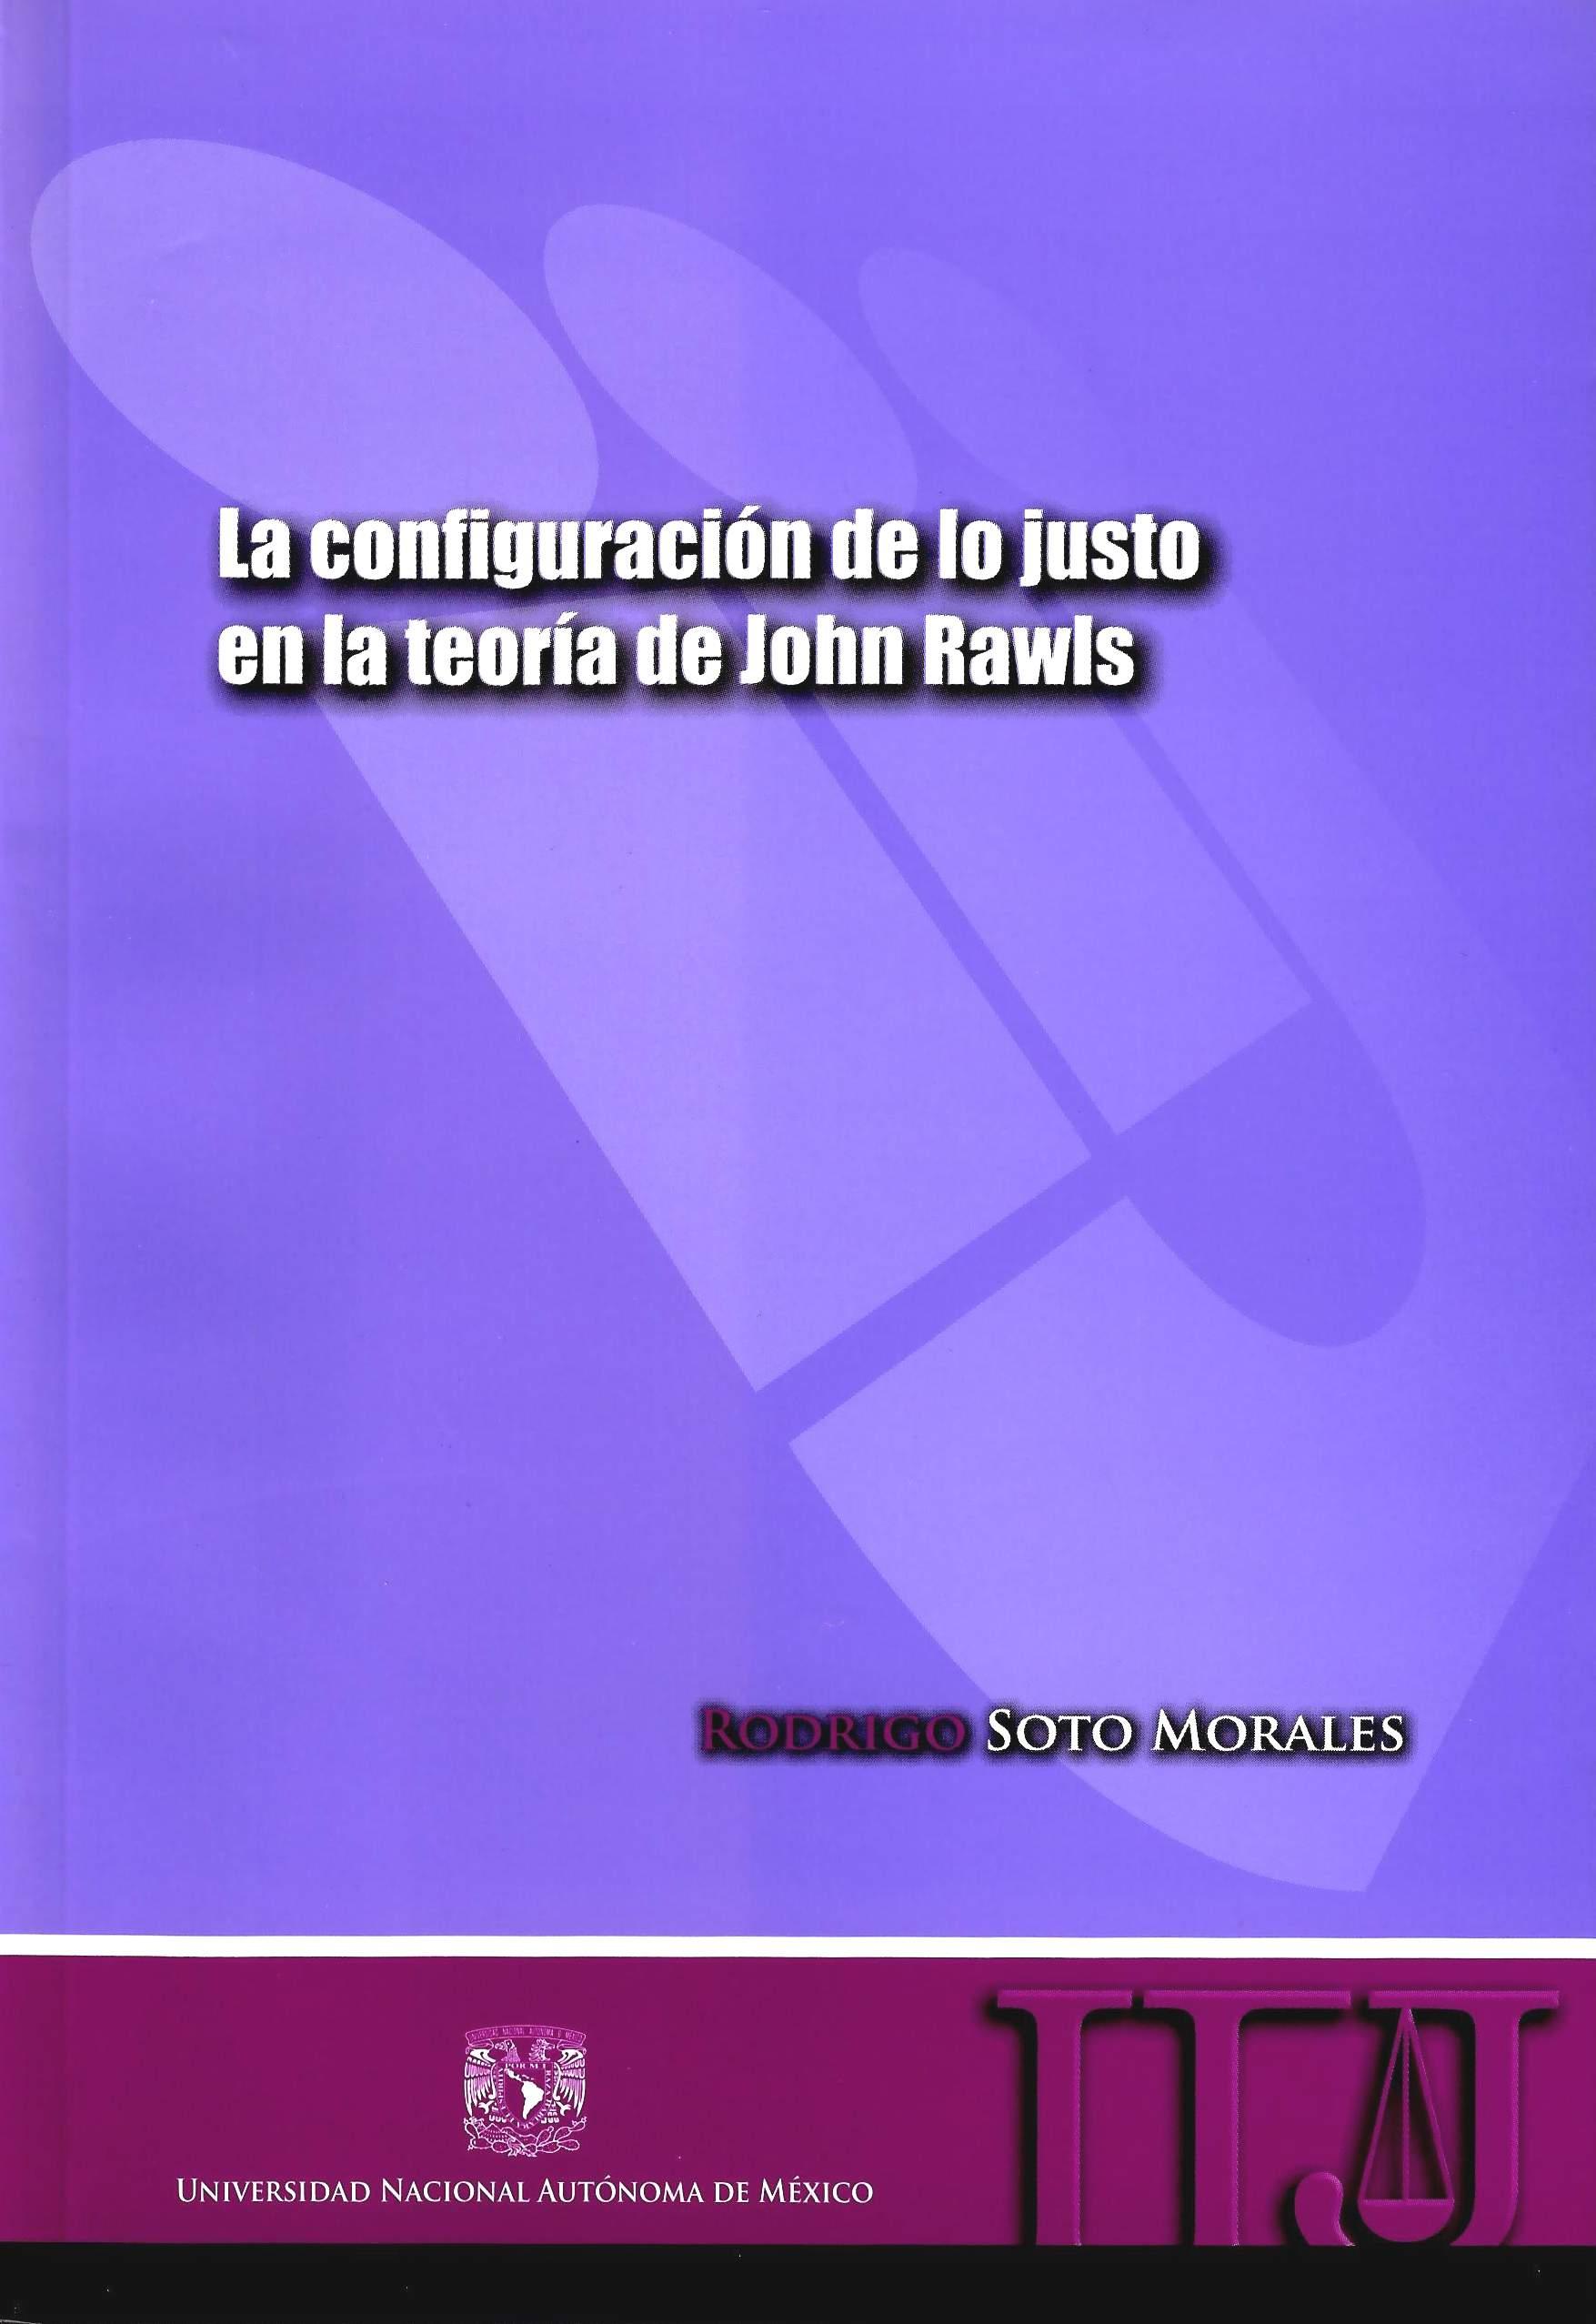 La configuración de lo justo en la teoría de John Rawls